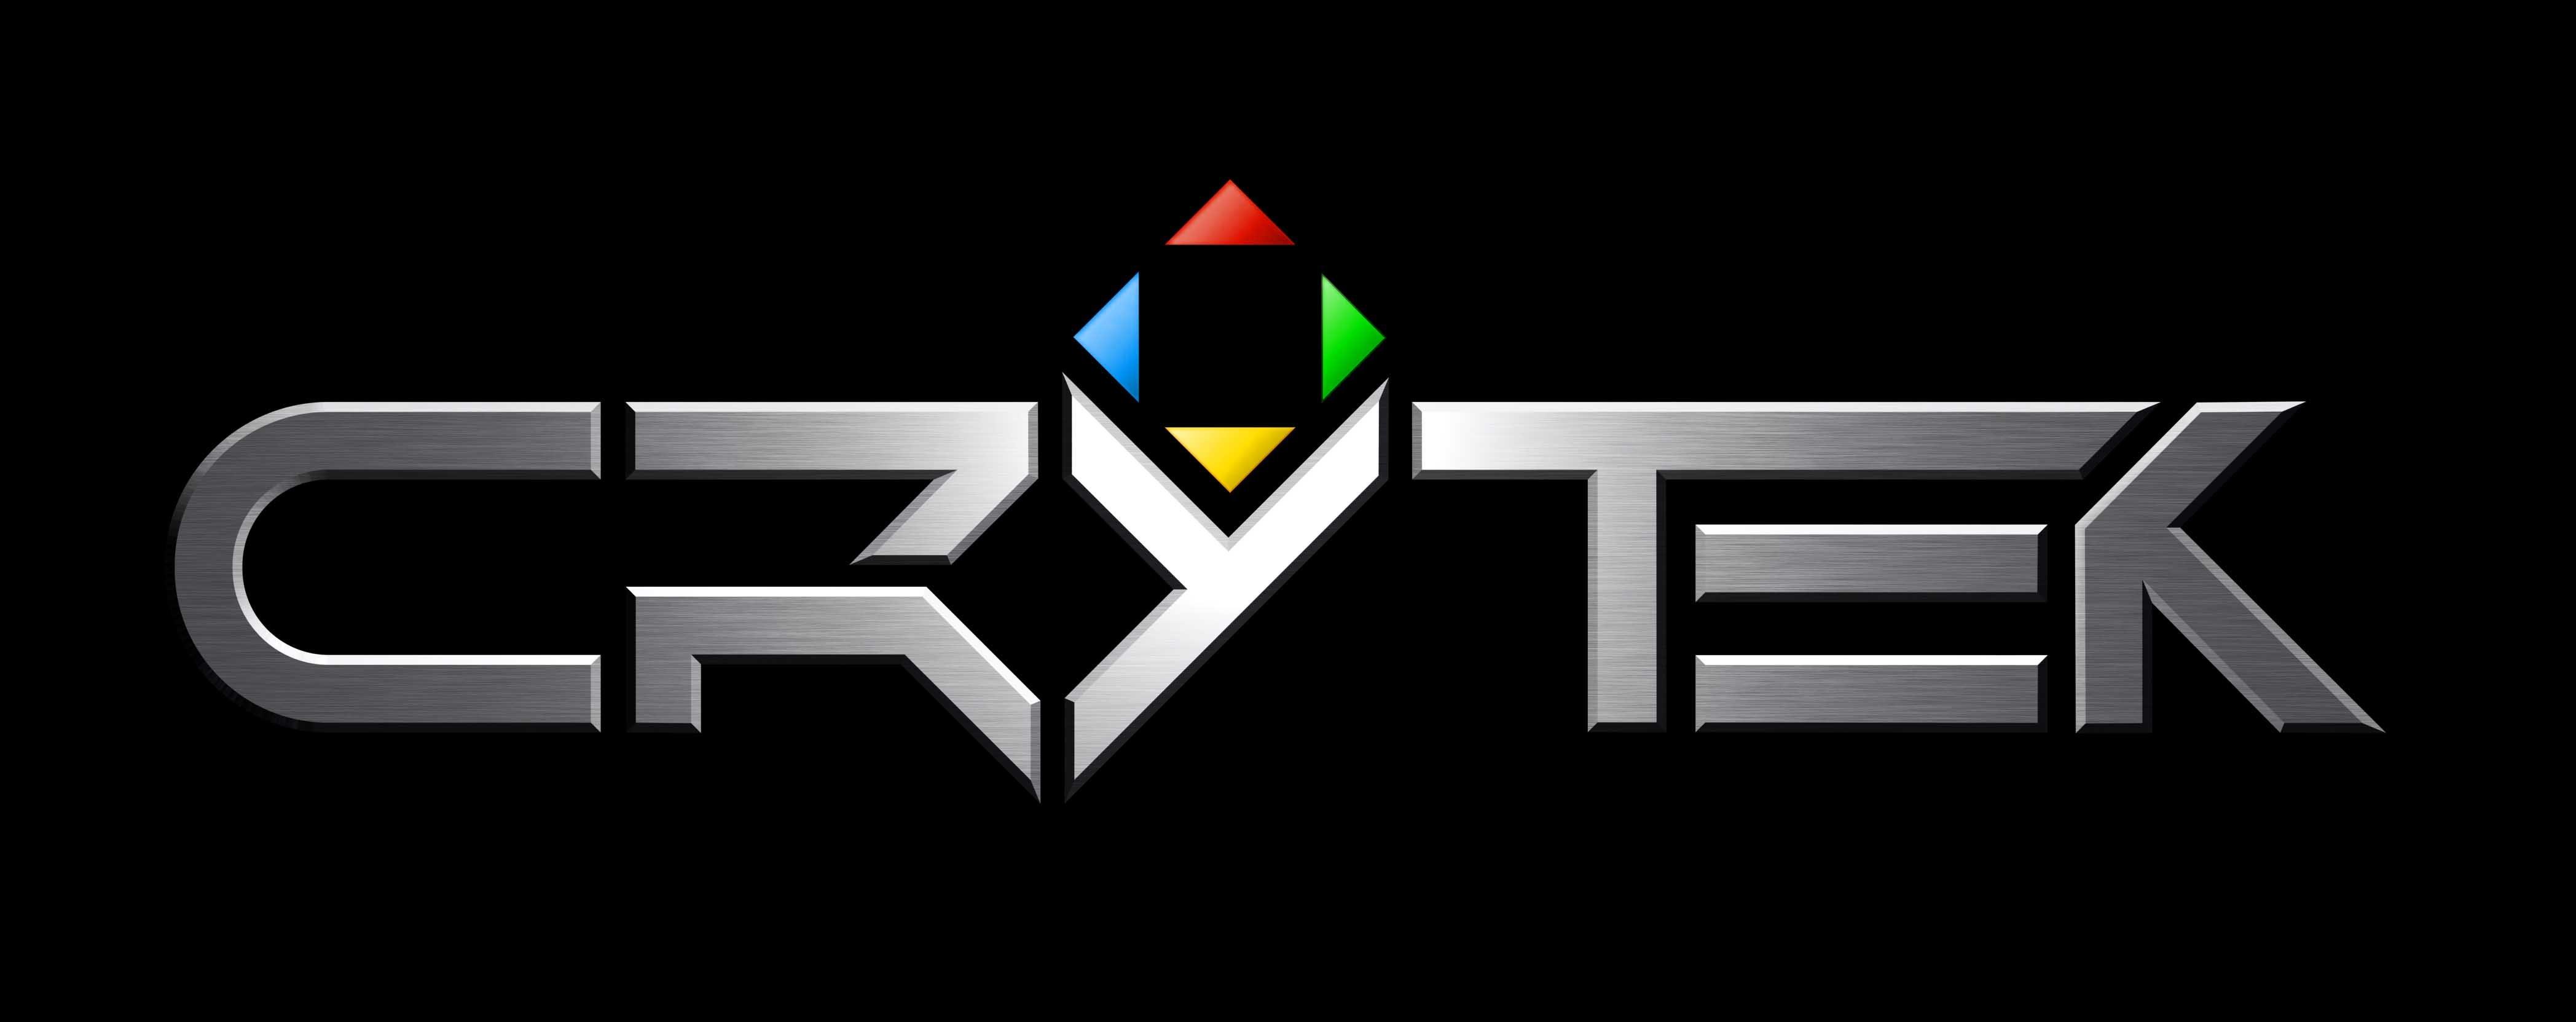 Кто купит Crytek? - Изображение 1